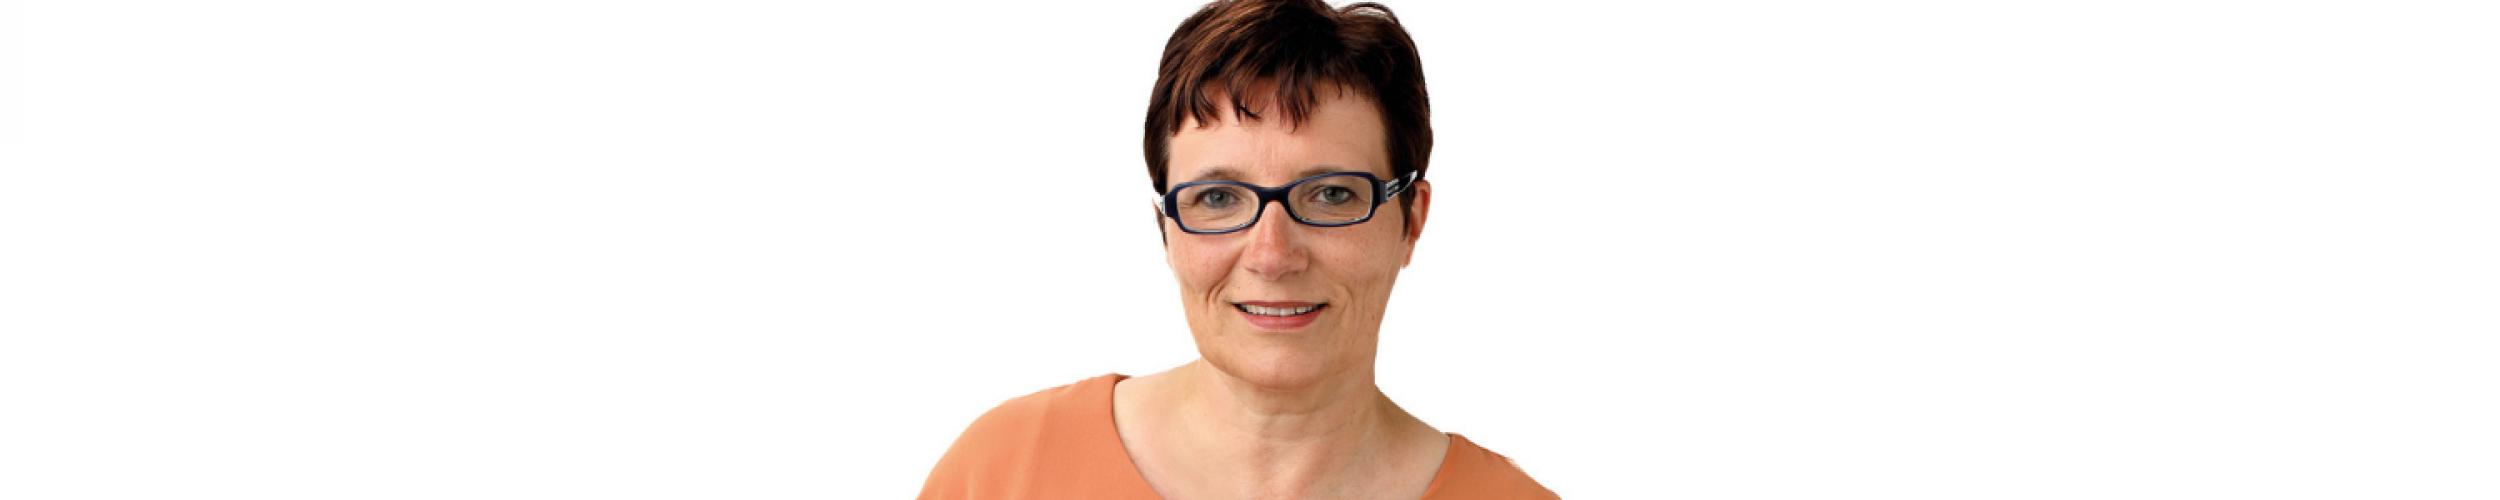 Katleen Messely